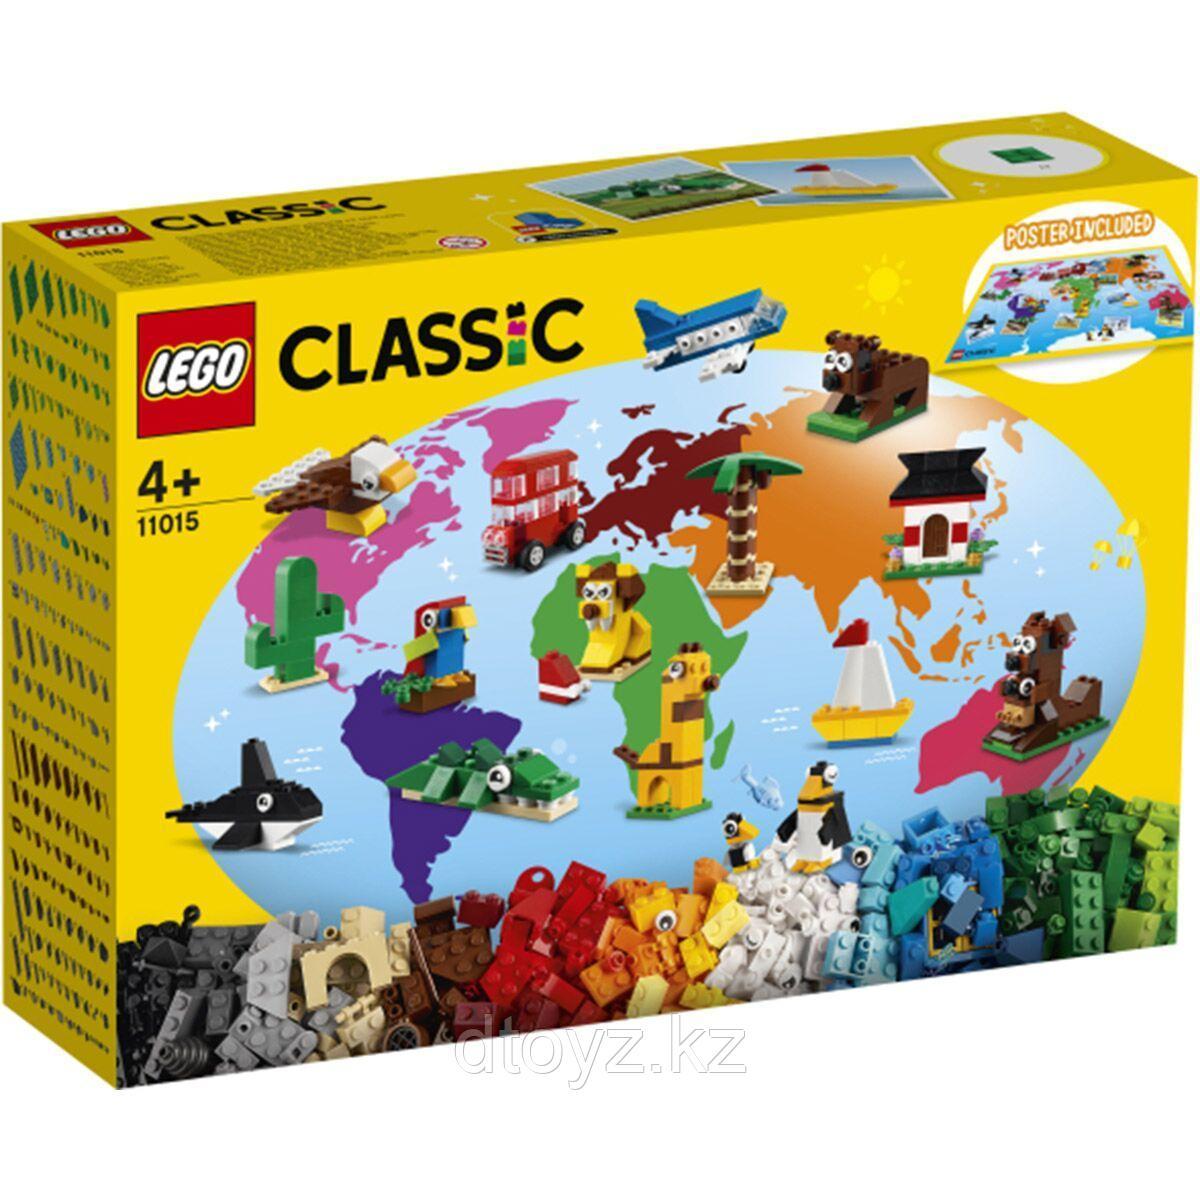 Lego Classic Вокруг света 11015